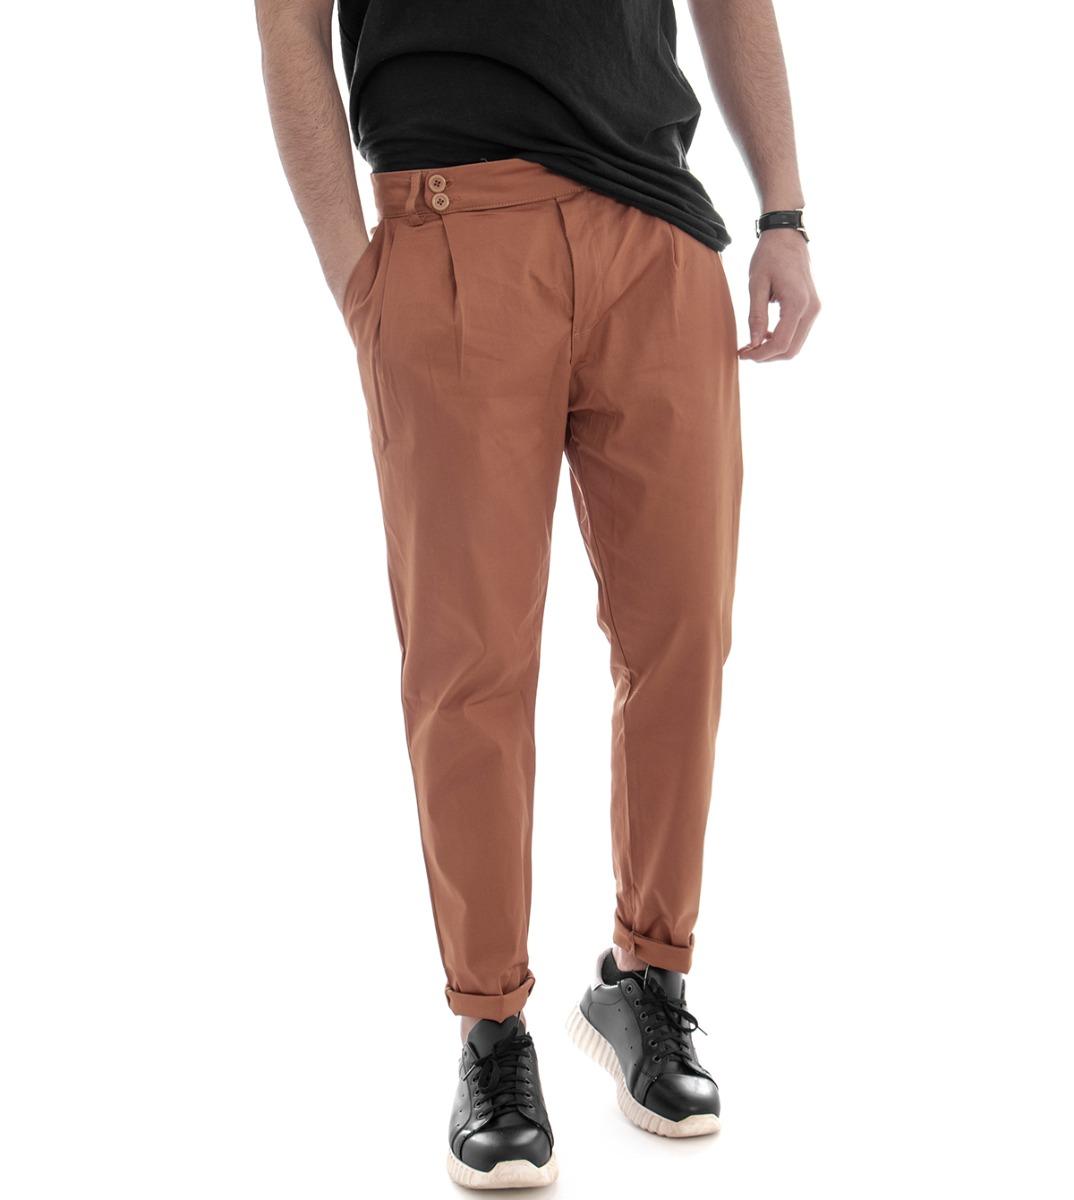 Pantalone-Uomo-Tasca-America-Mattone-Cavallo-Basso-Casual-Pence-GIOSAL